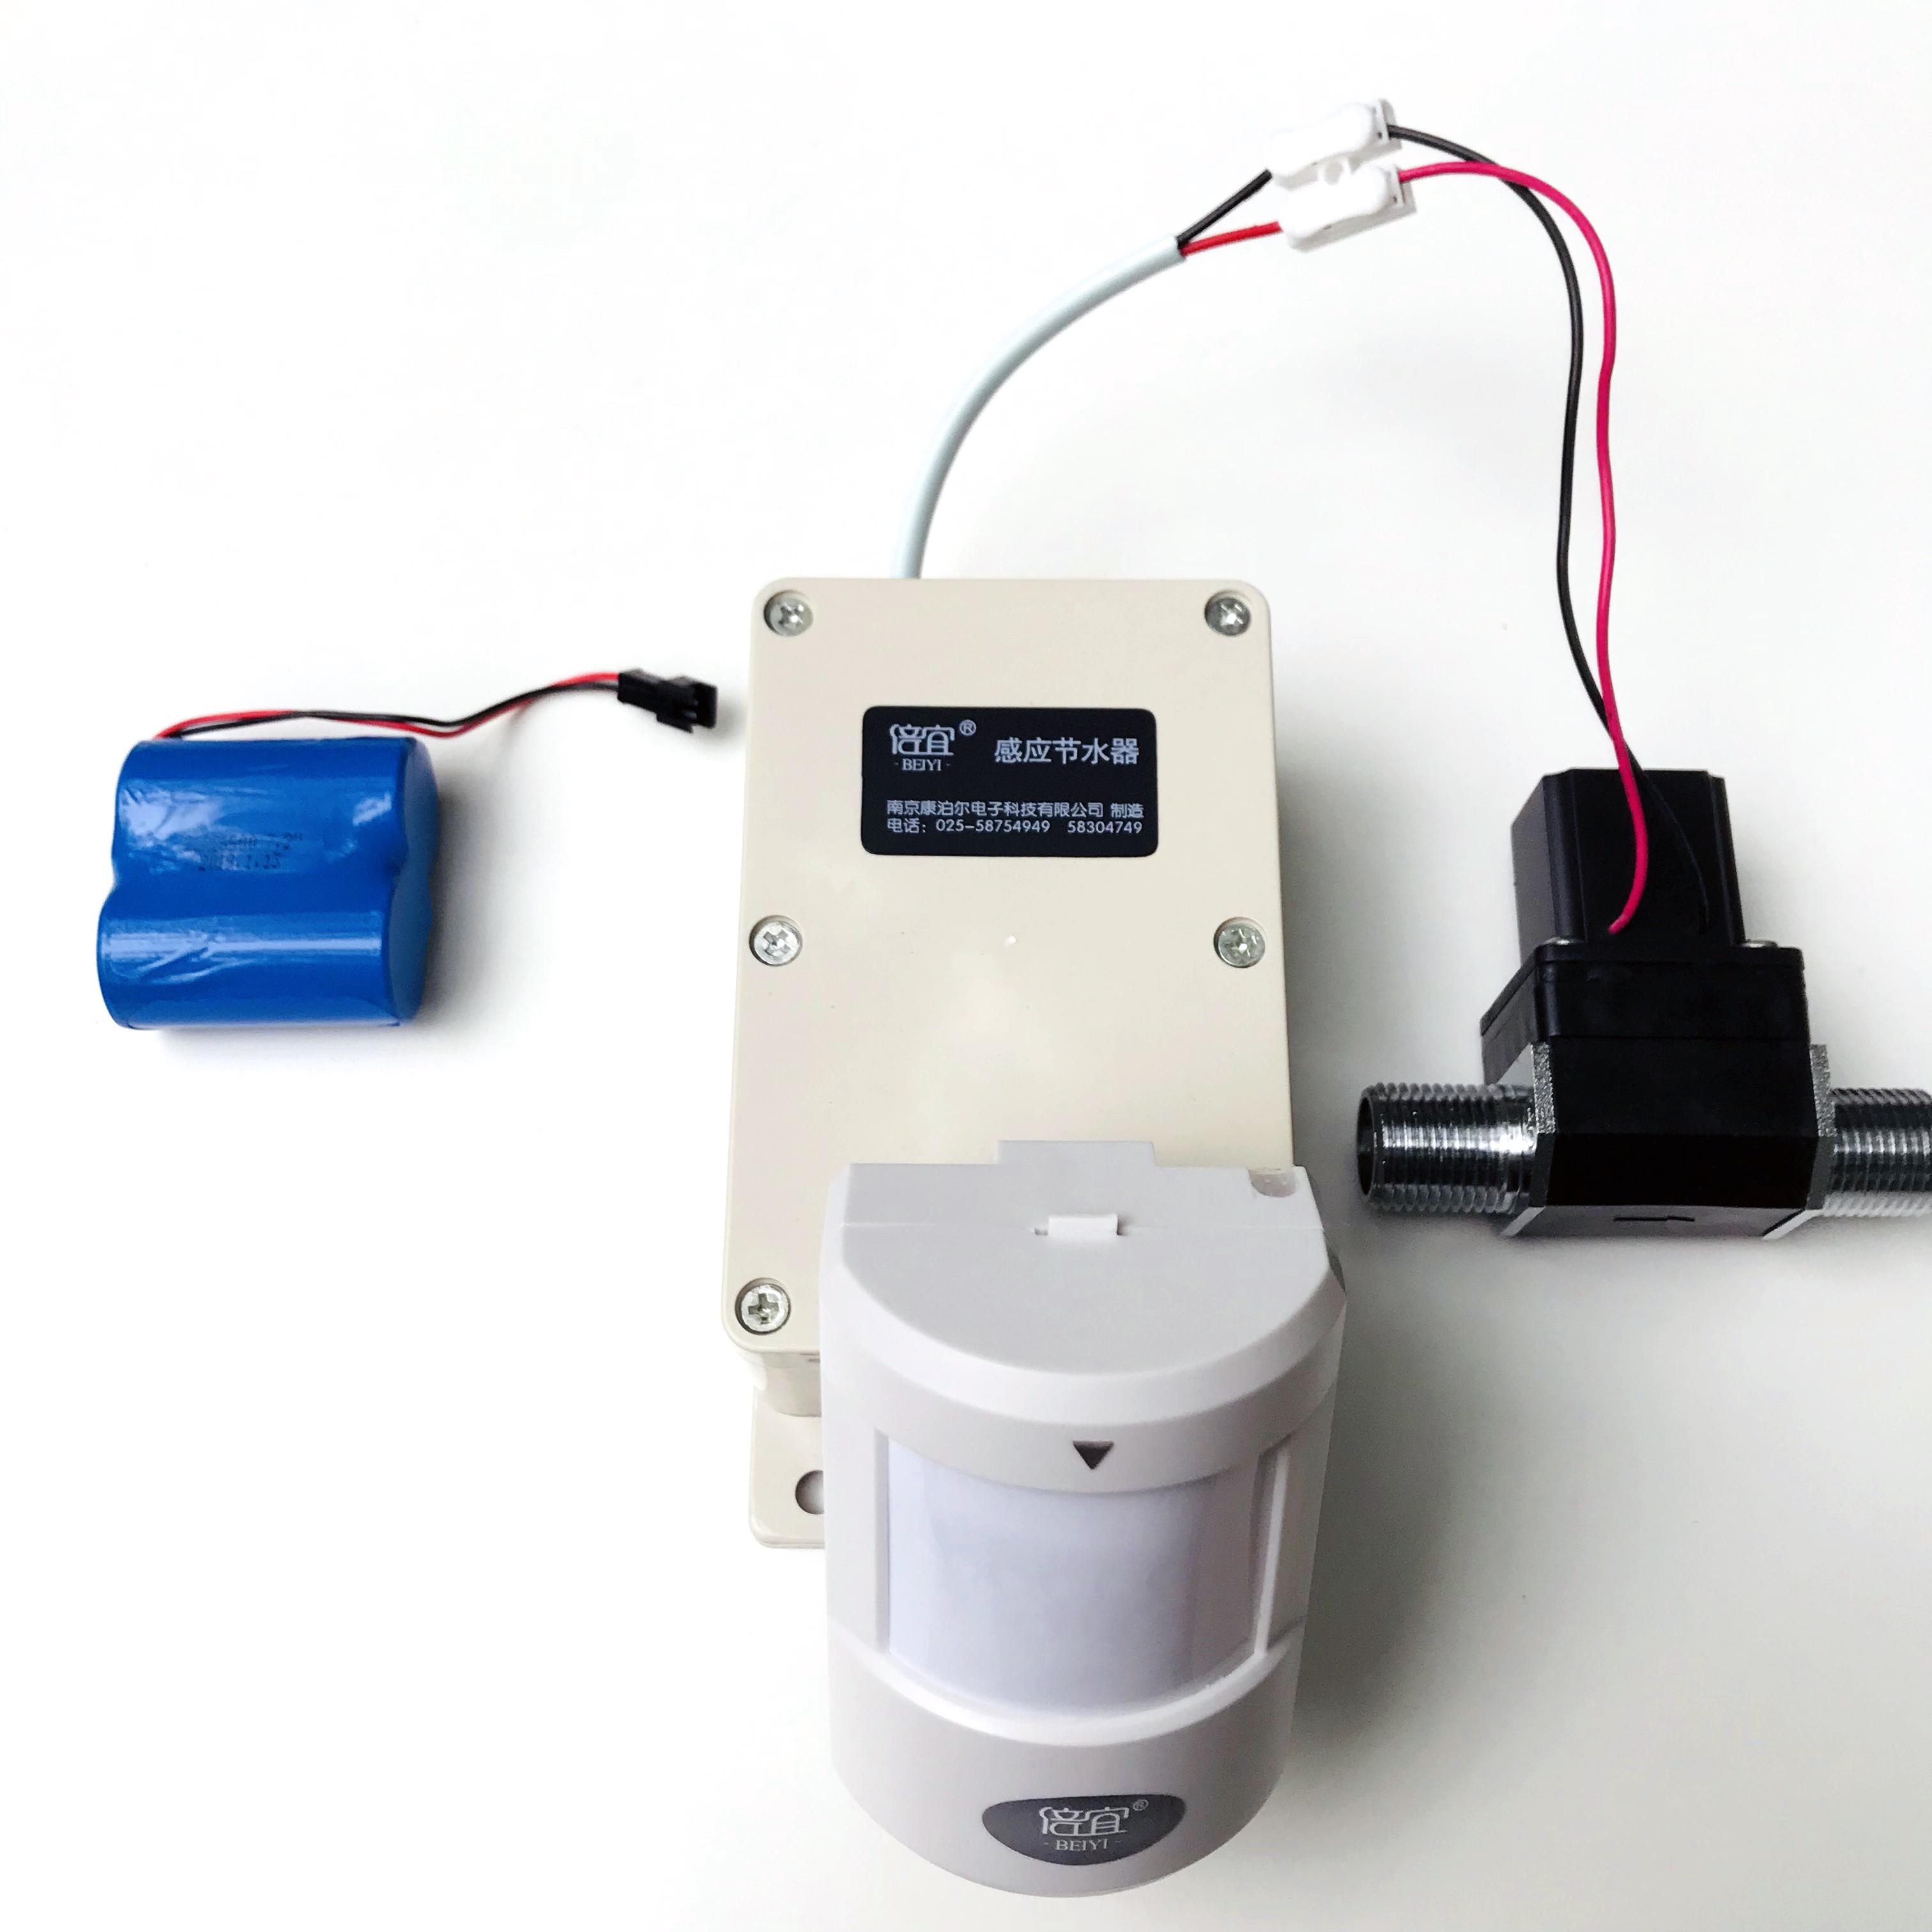 电池型快装 最后一次水箱冲水 电池型感应节水器-BY-JS308